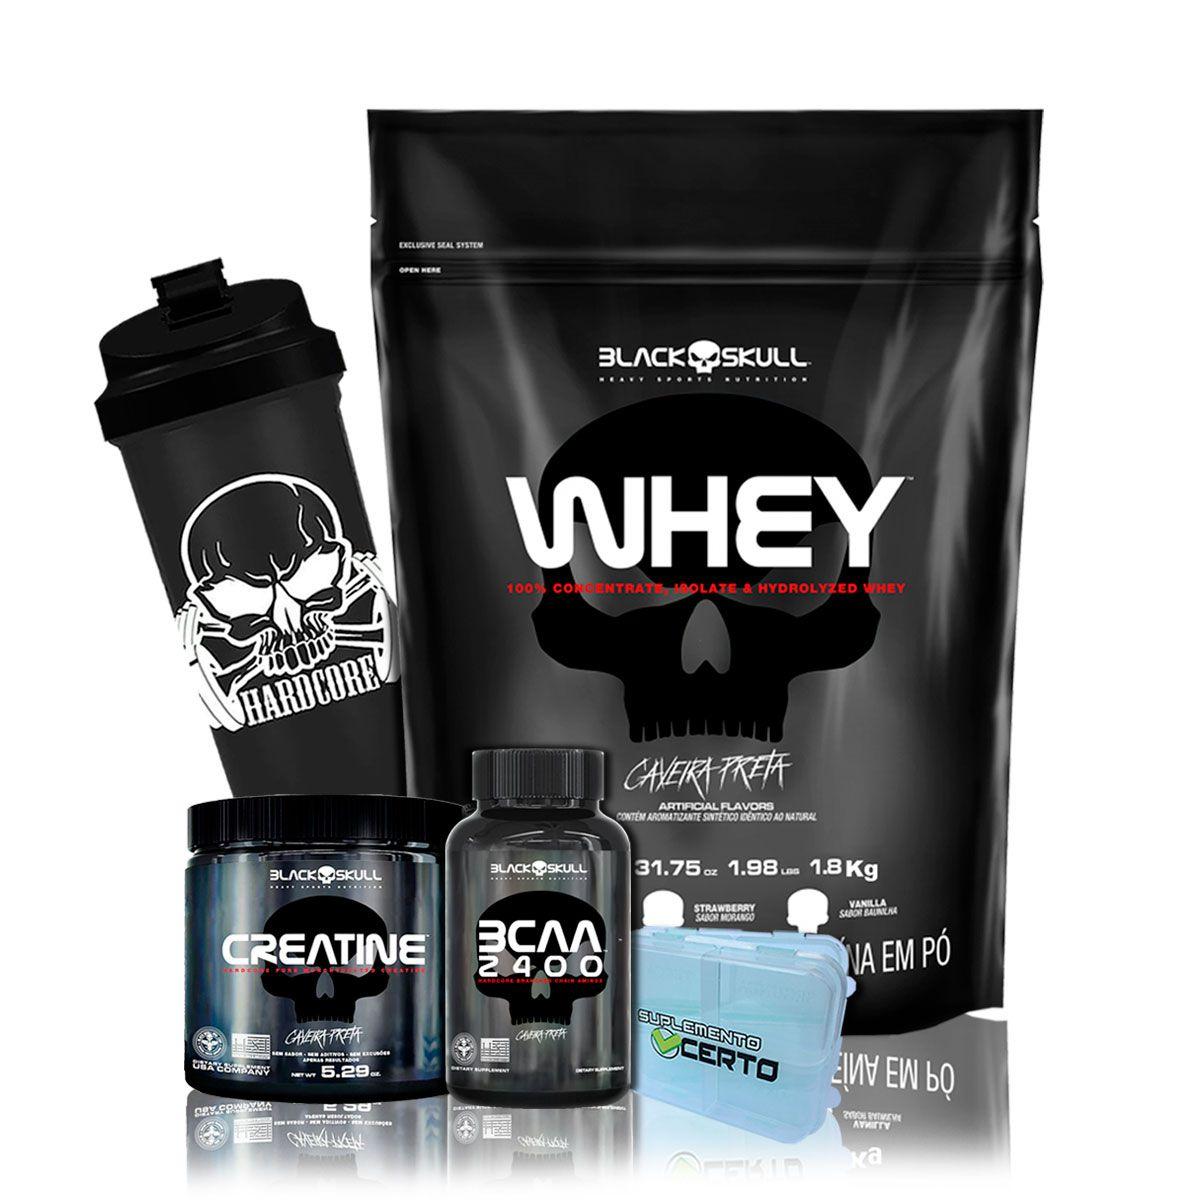 Kit Suplementação Whey 1,8kg - Black Skull